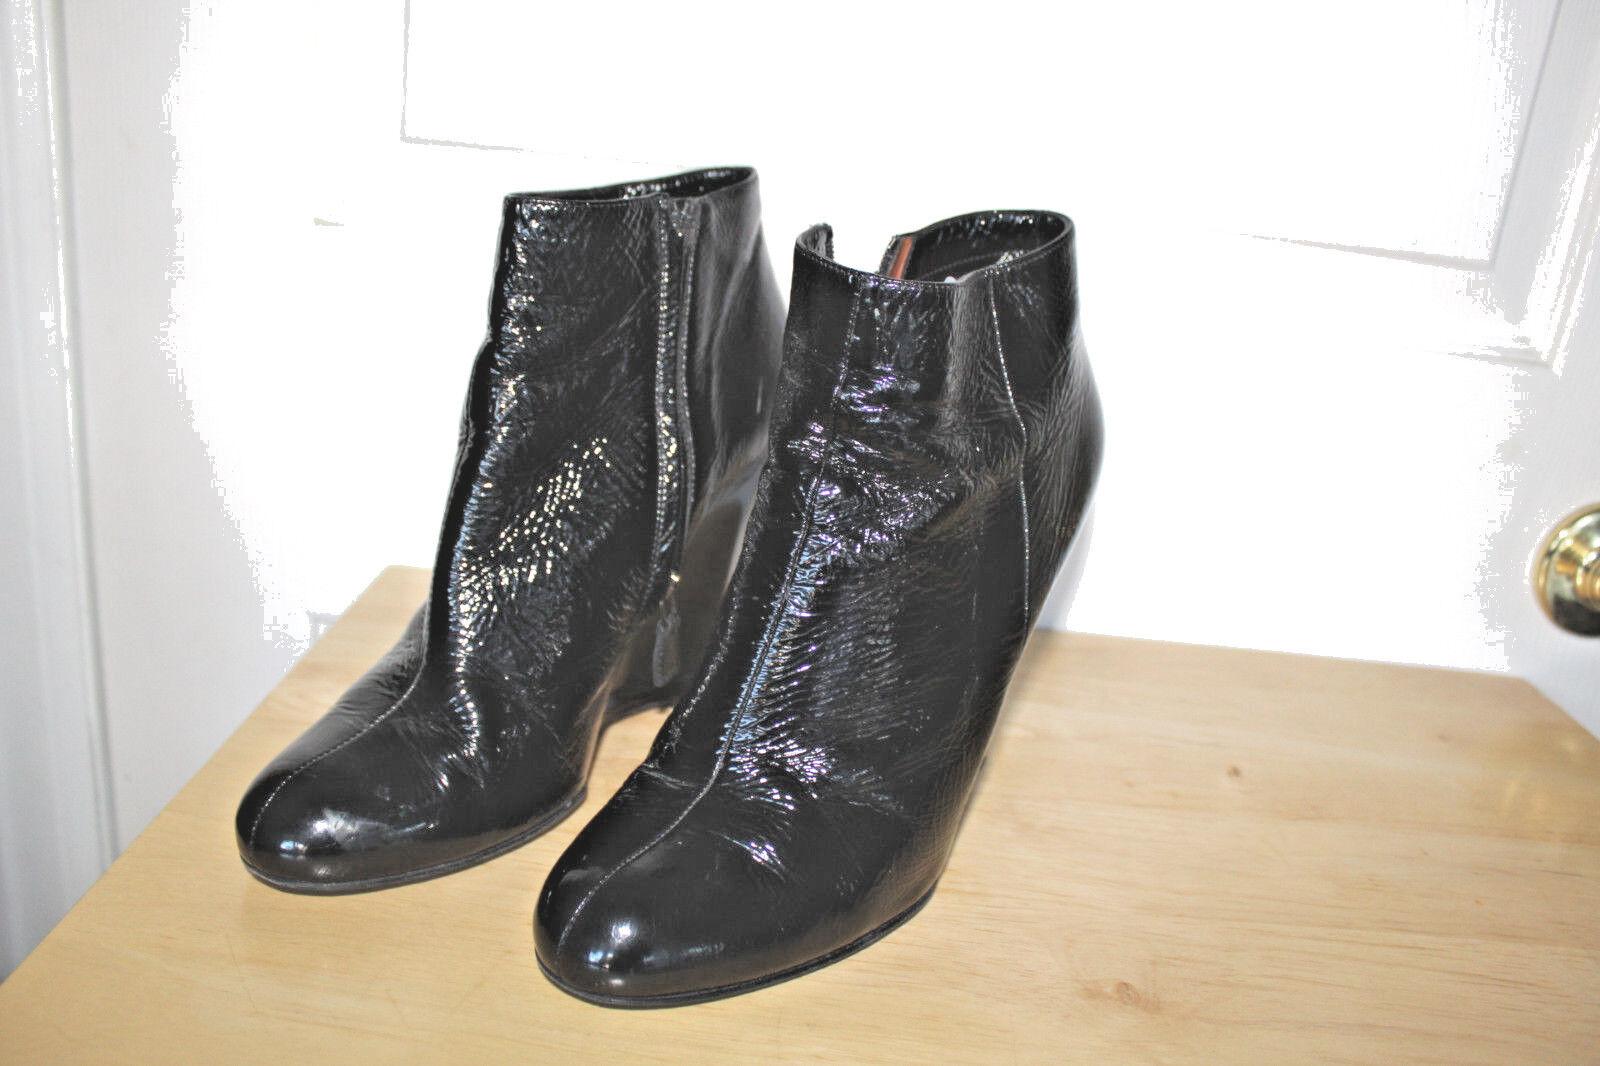 goditi il 50% di sconto LANVIN GOERGOUS nero PATENT LEATHER scarpe avvioIES MADE IN ITALY ITALY ITALY SZ 40 US 9 EUC  autentico